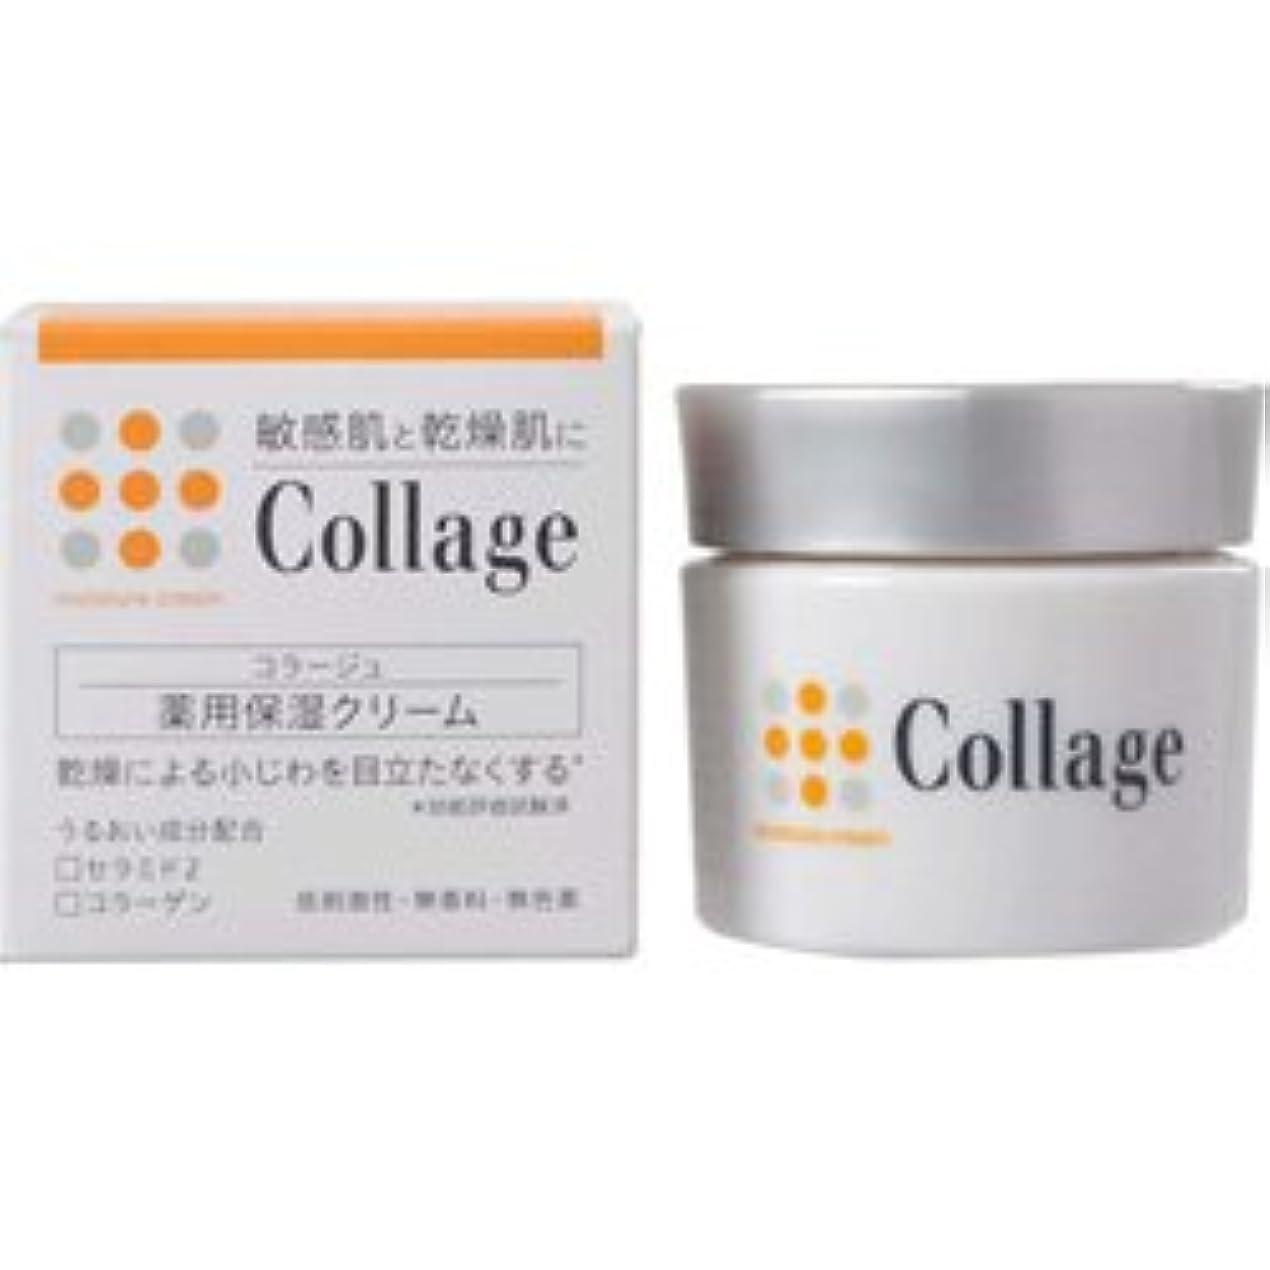 決して拒絶する細菌【持田ヘルスケア】 コラージュ薬用保湿クリーム 30g (医薬部外品) ×3個セット